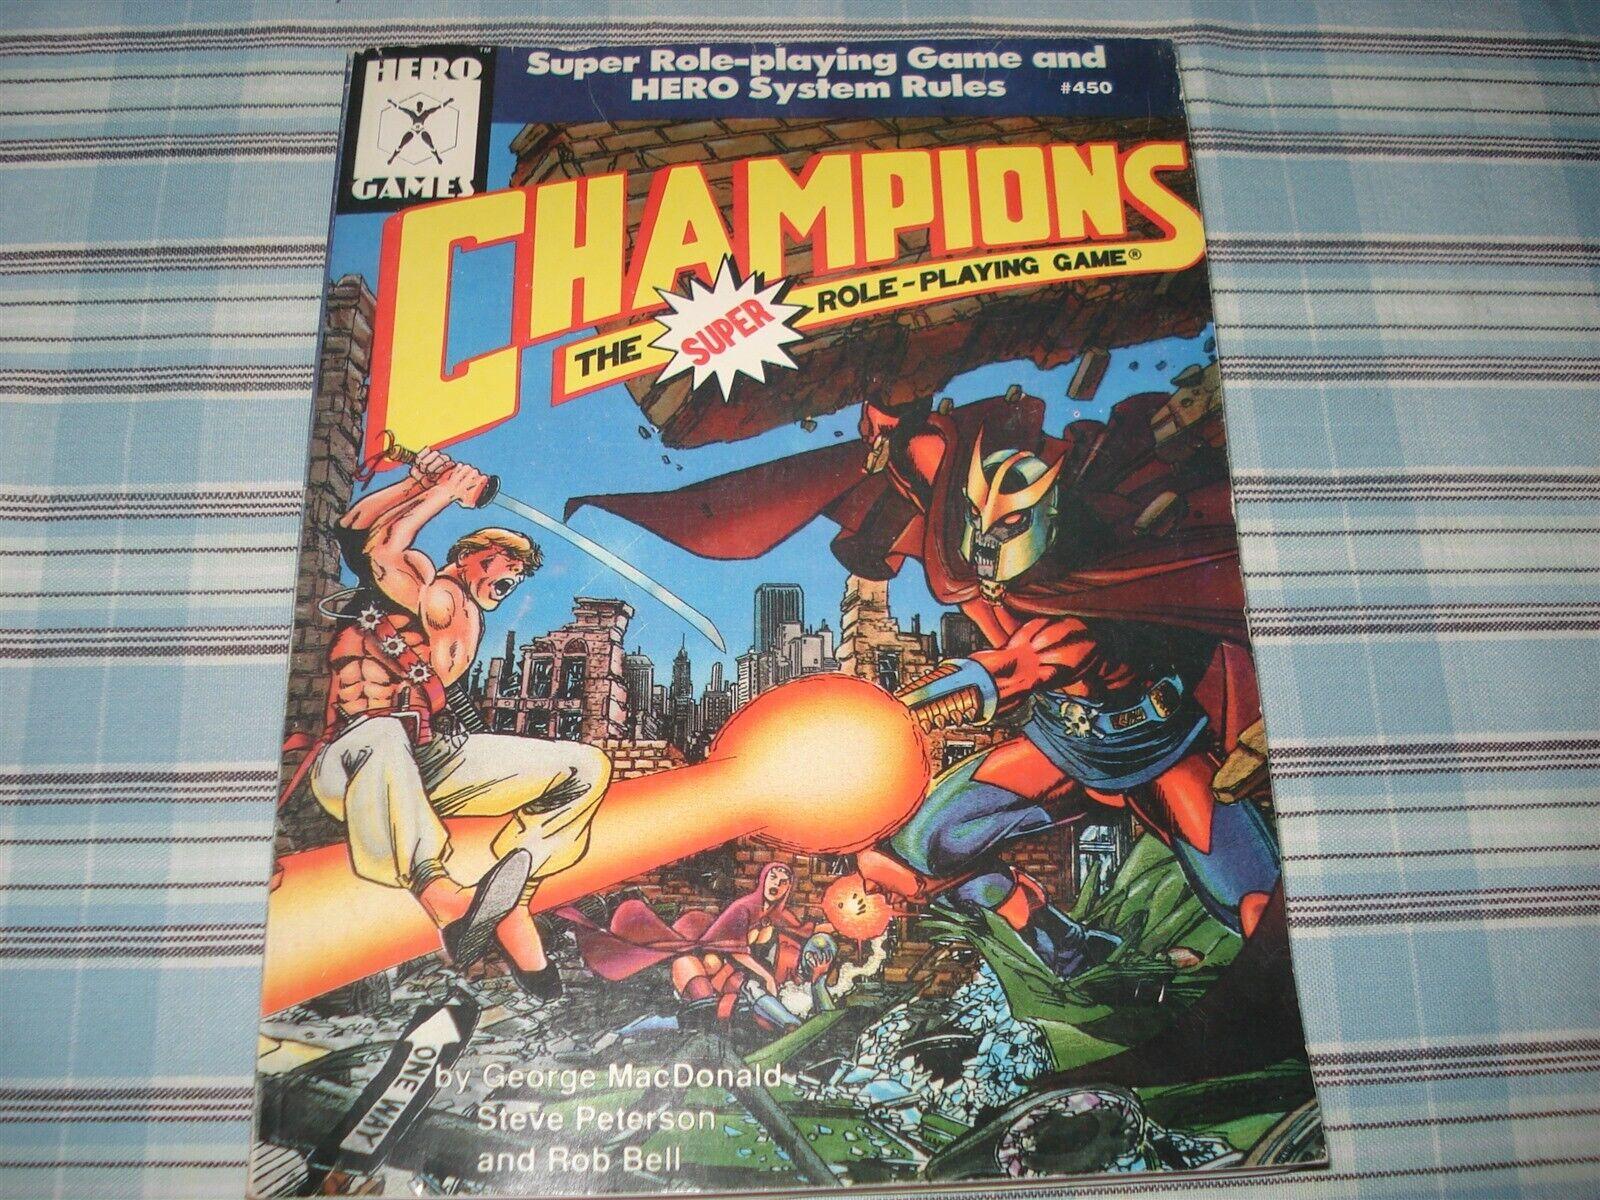 Champions-Campeones del súper Hero juegos de rol Juego - - 450-Raro